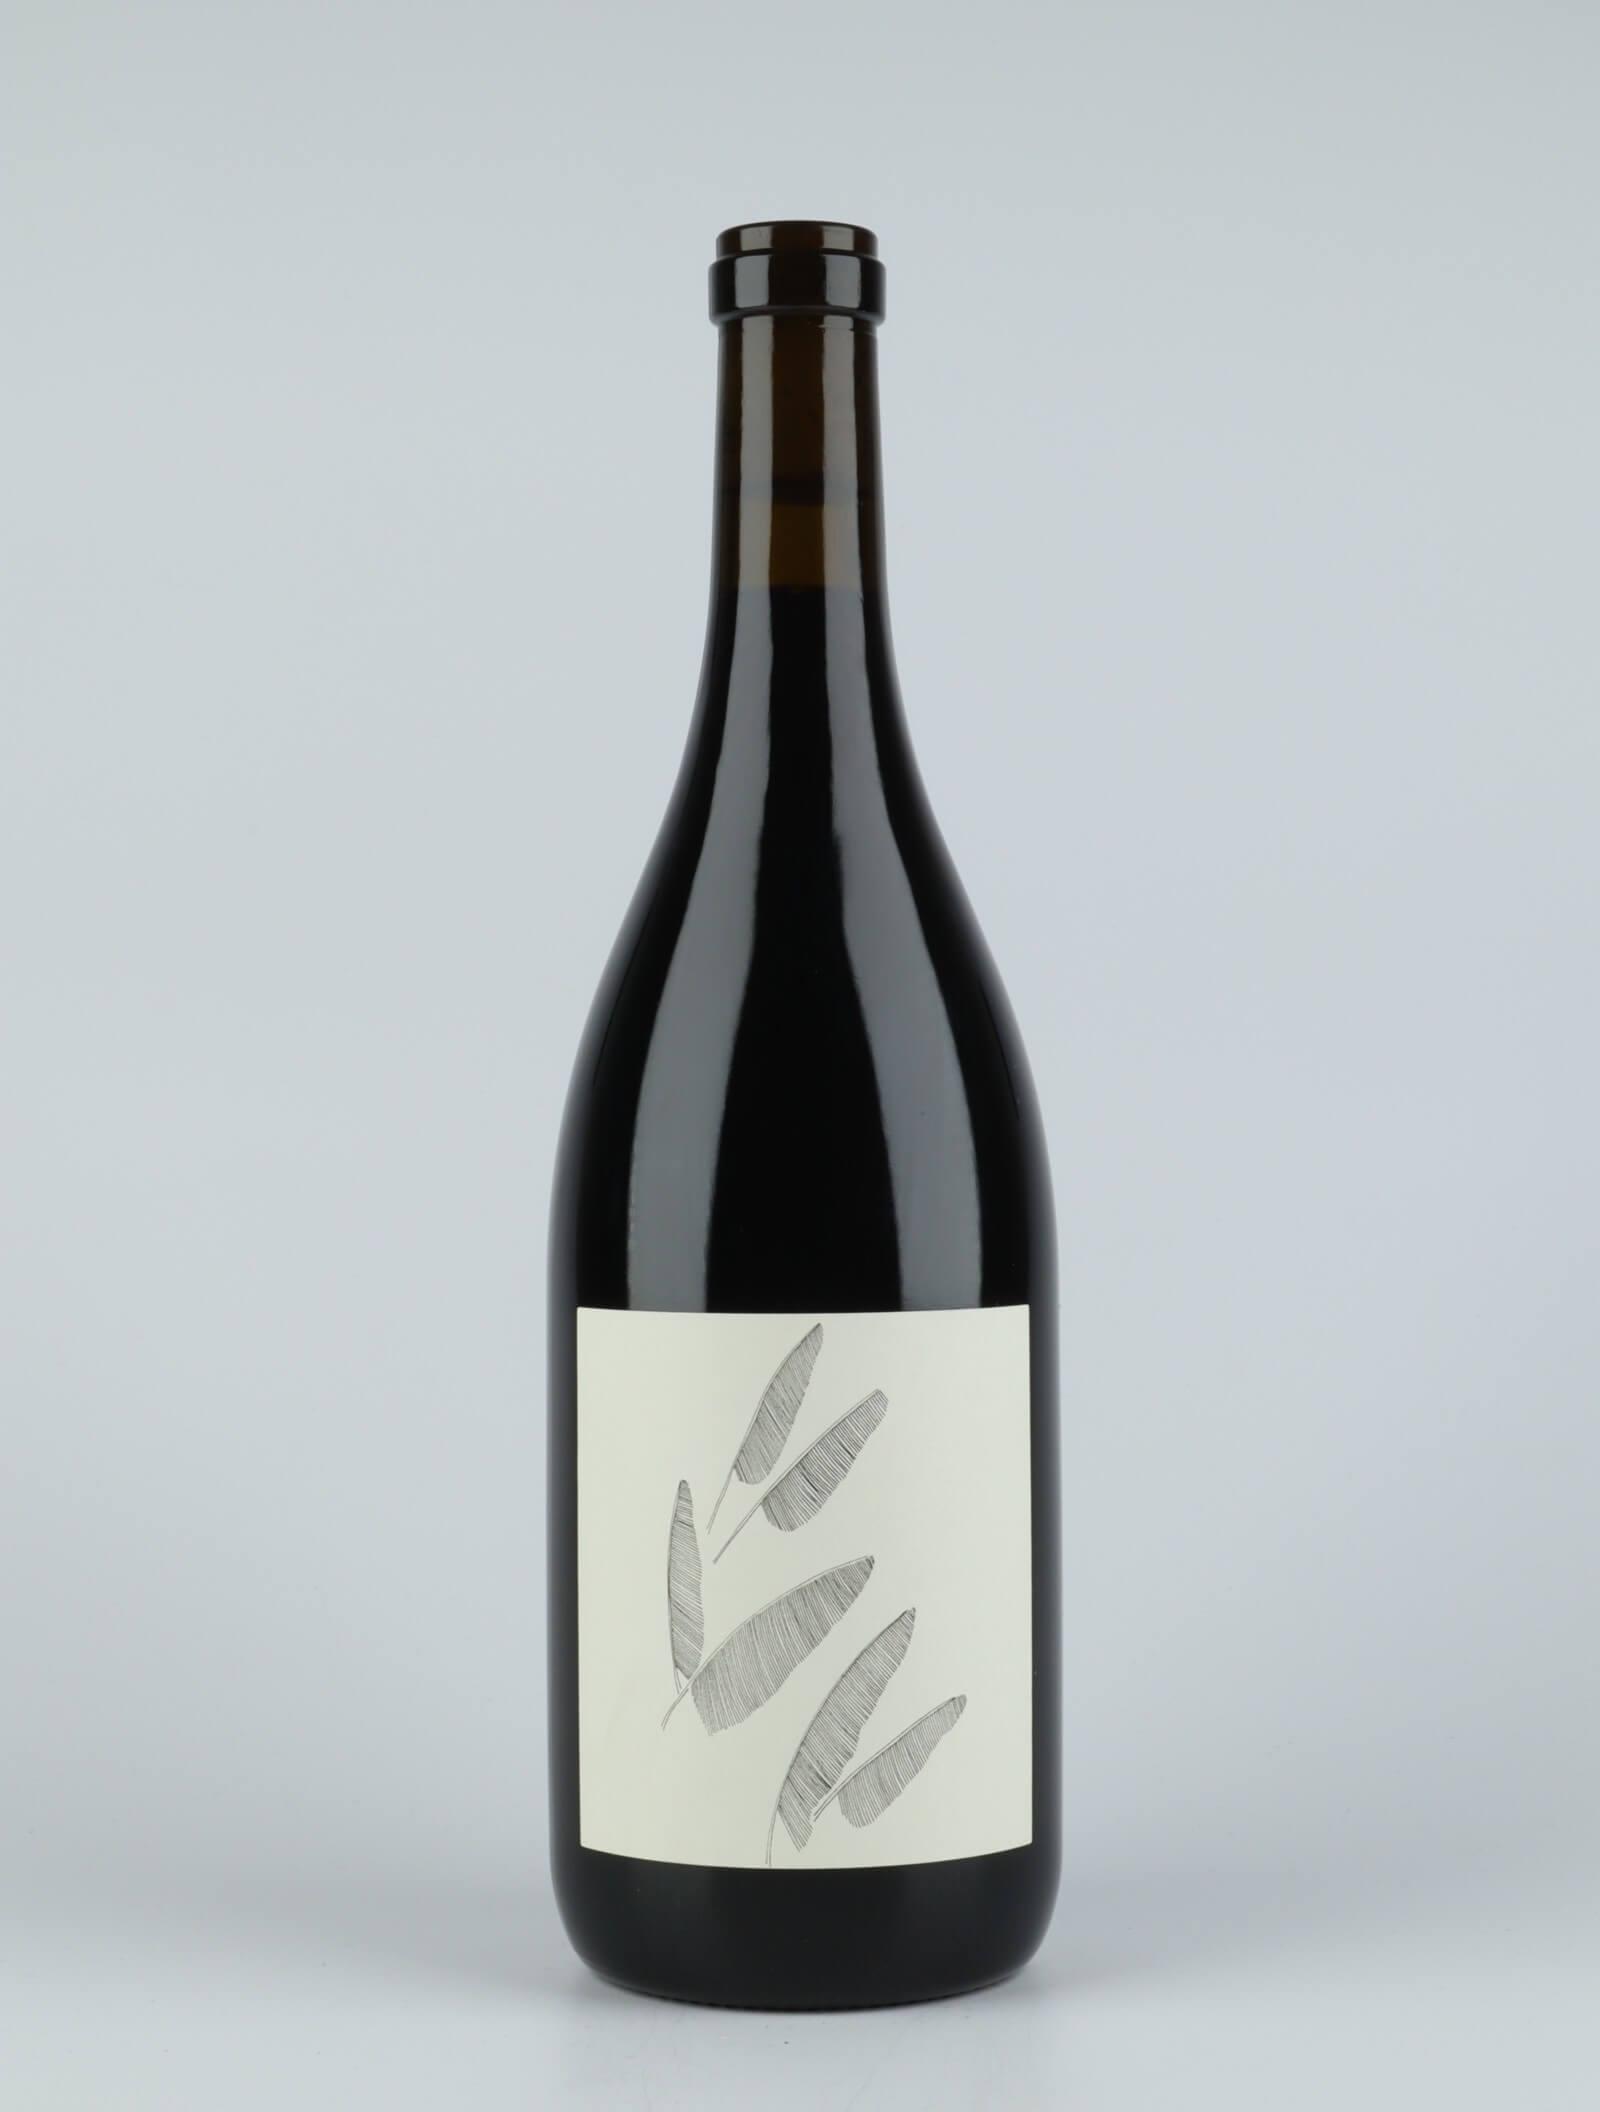 Zinfandel - Wirth Vineyard